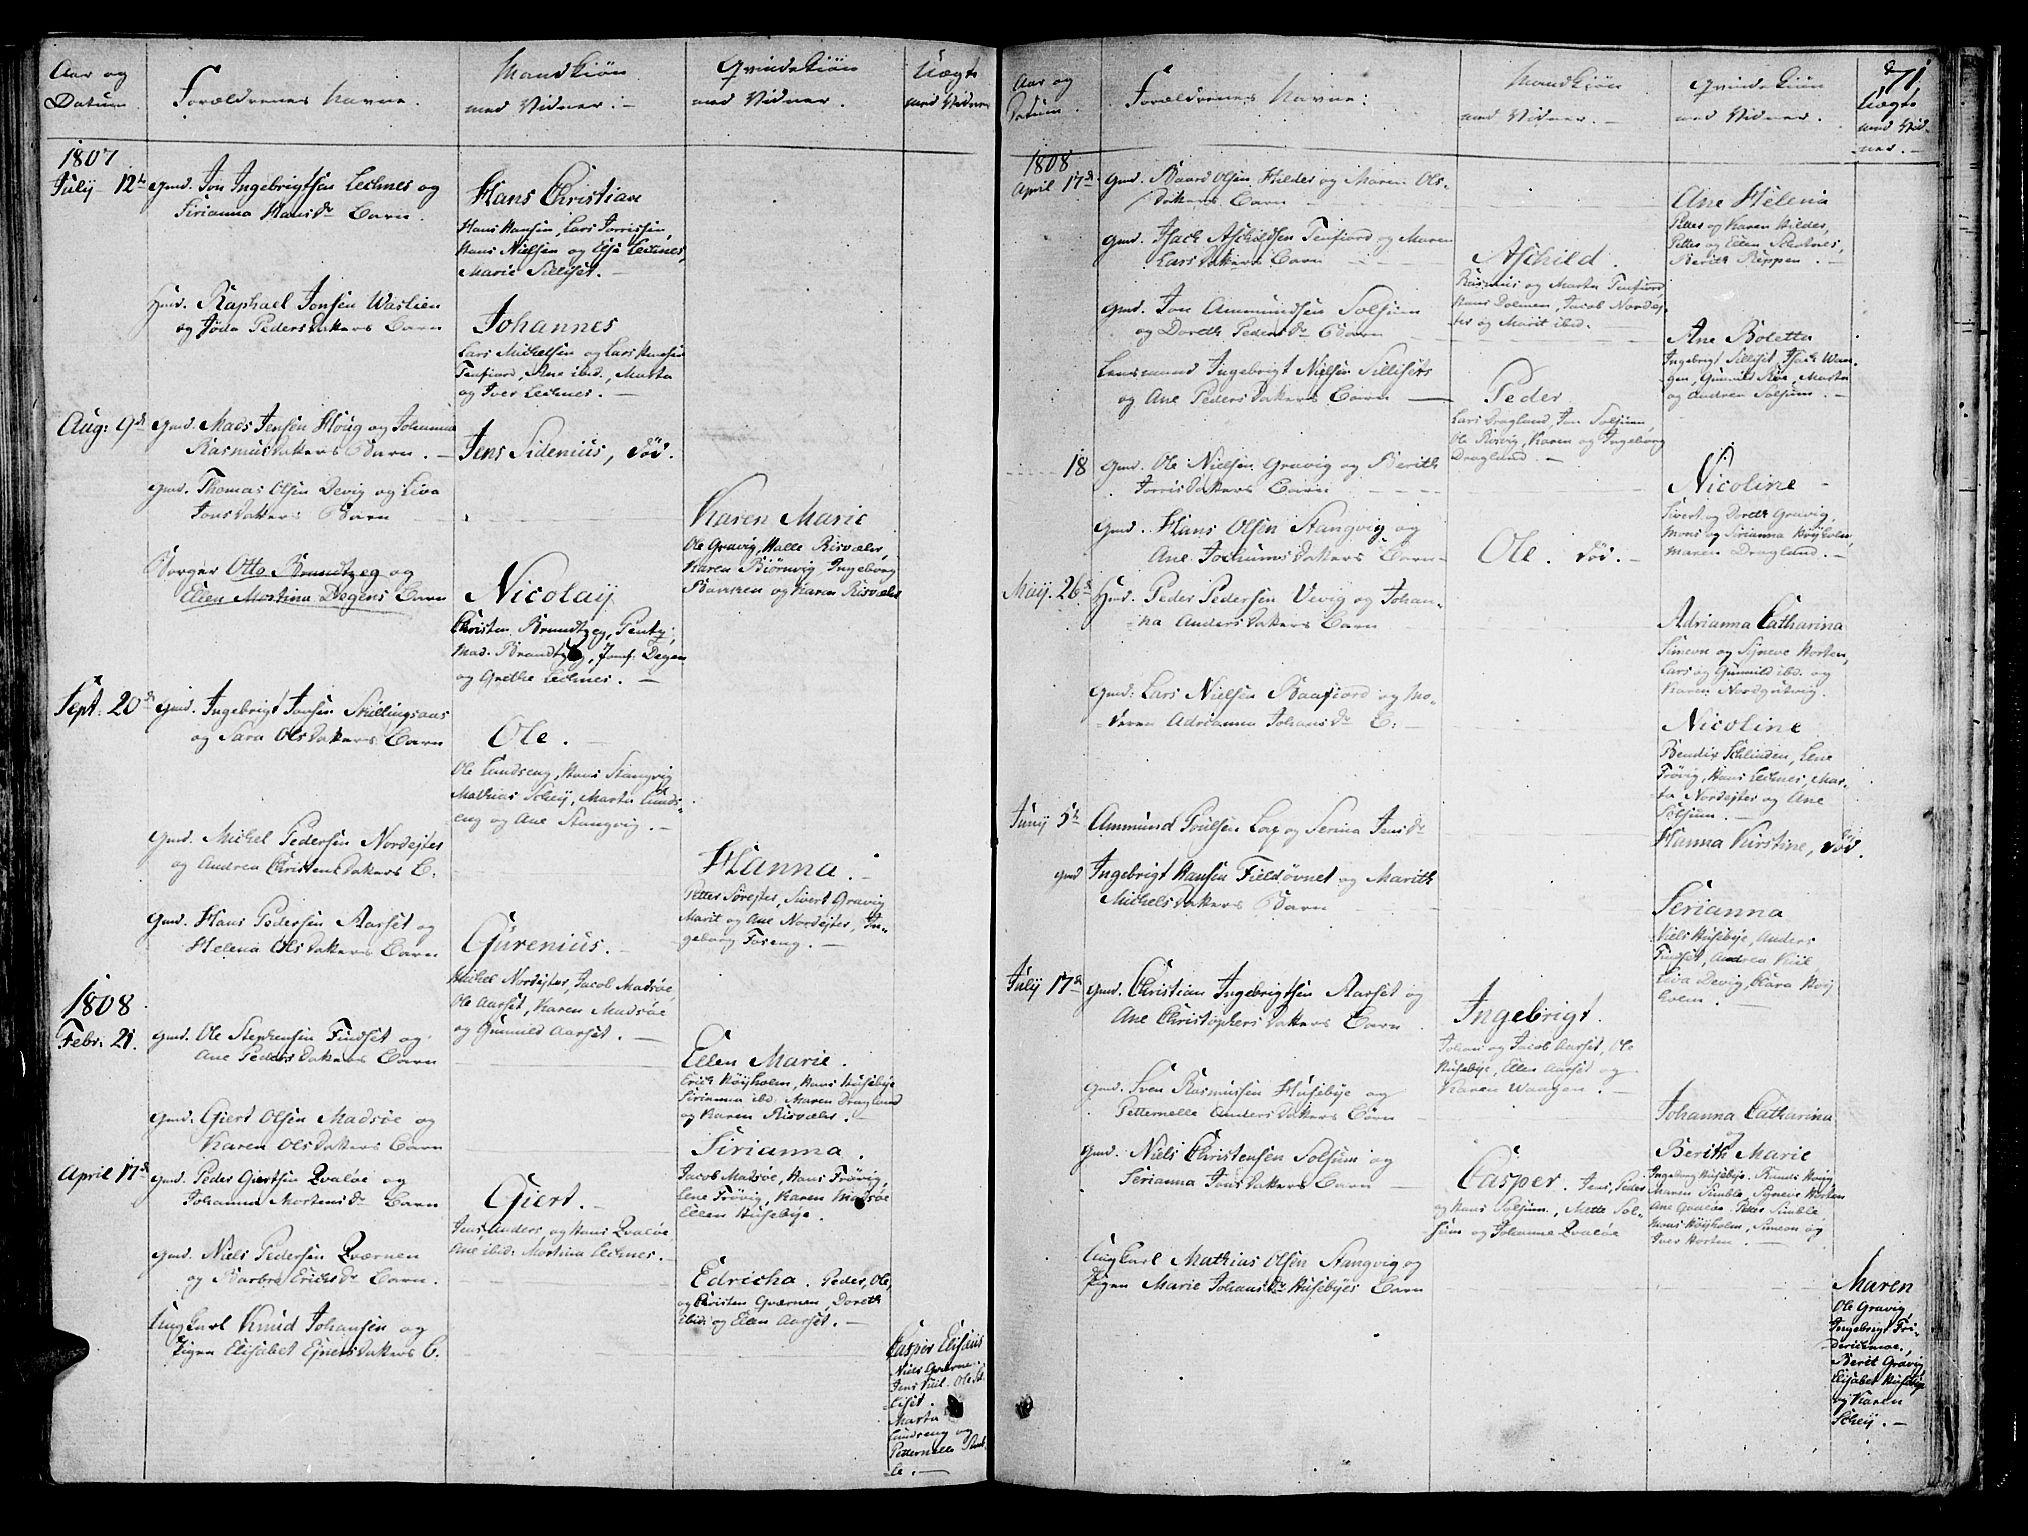 SAT, Ministerialprotokoller, klokkerbøker og fødselsregistre - Nord-Trøndelag, 780/L0633: Ministerialbok nr. 780A02 /2, 1806-1814, s. 71